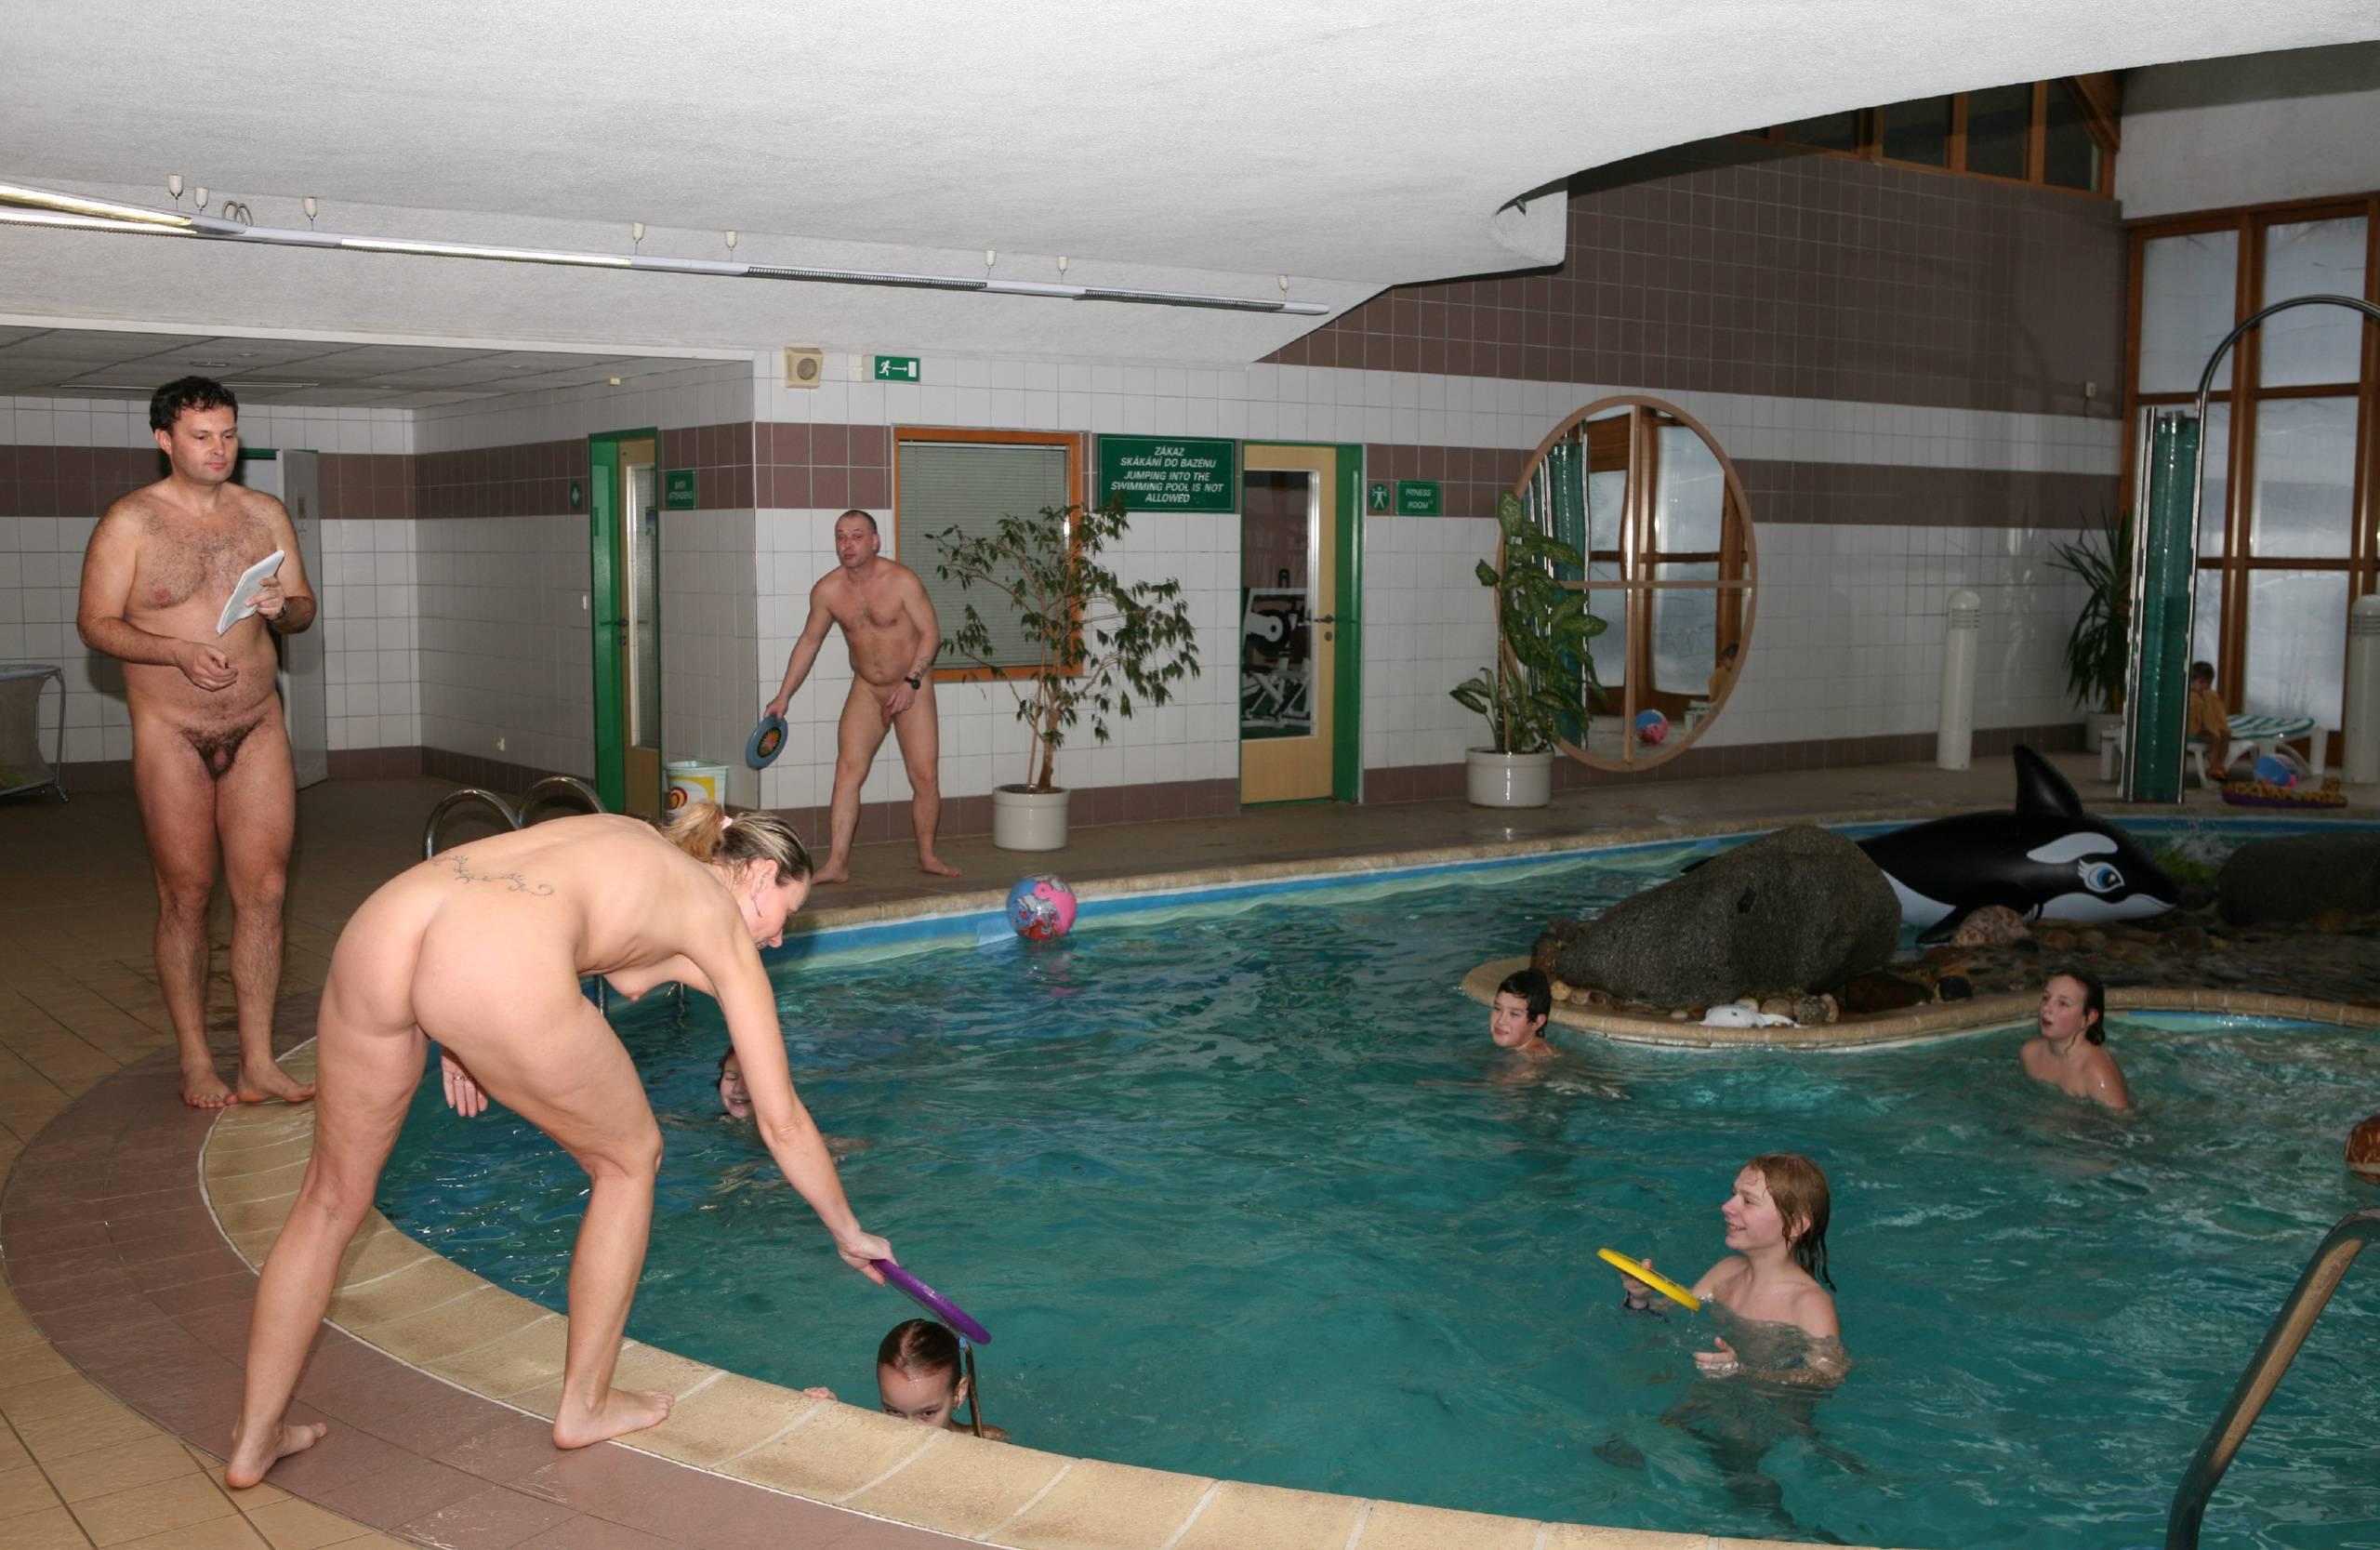 Nudist Photos 2010 Gym and Sauna - 1